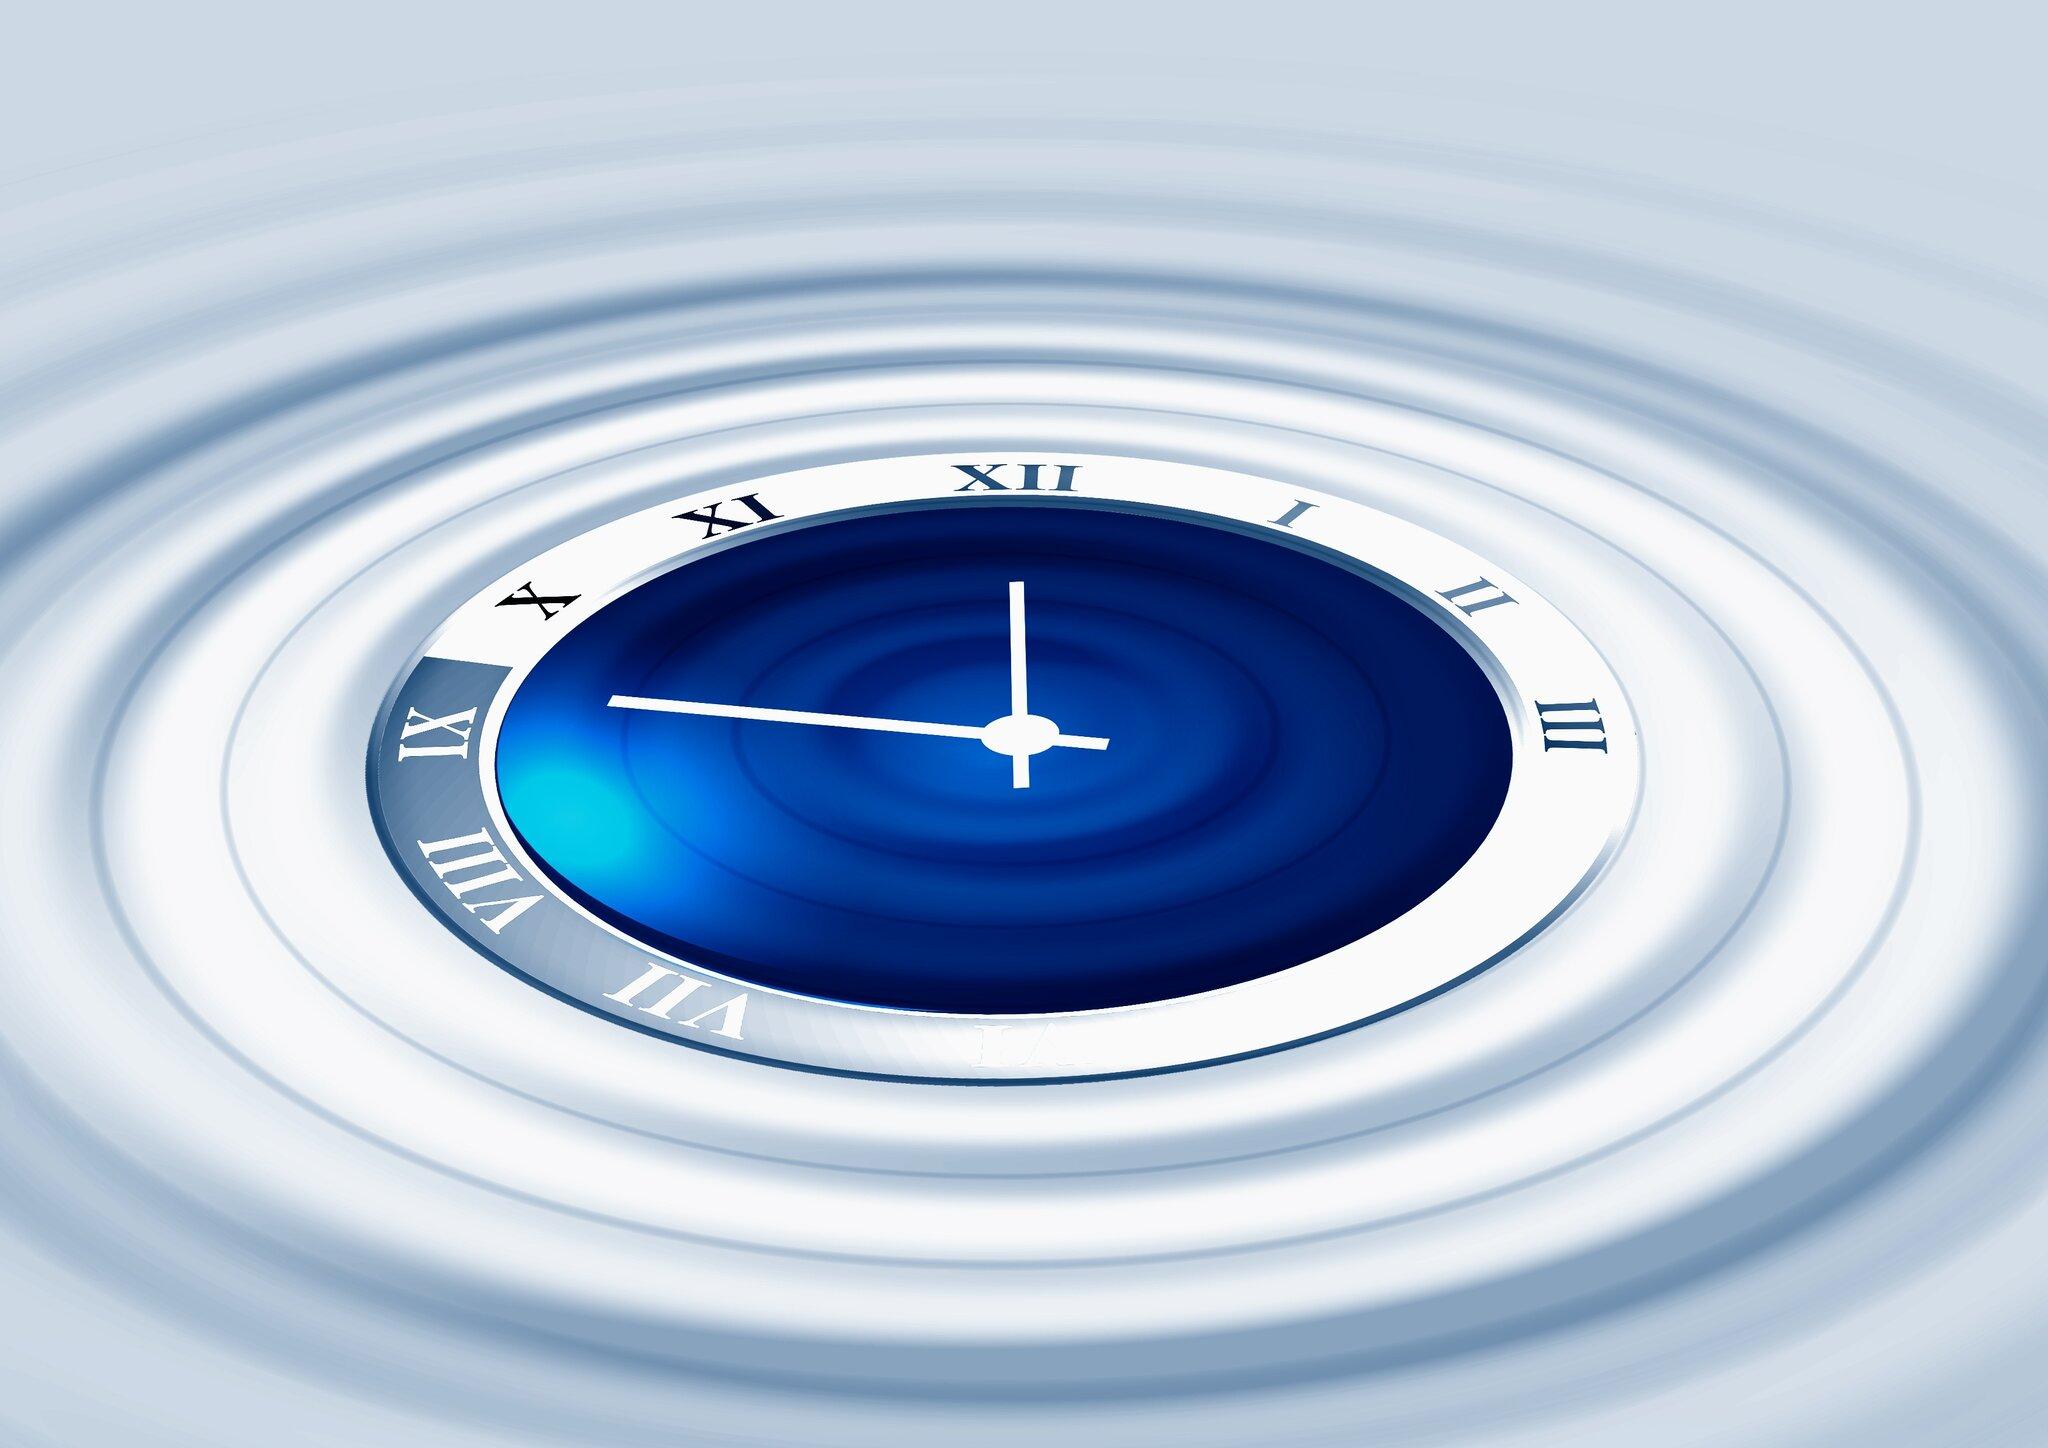 Czas_intro Źródło: www.pixabay.com, domena publiczna.